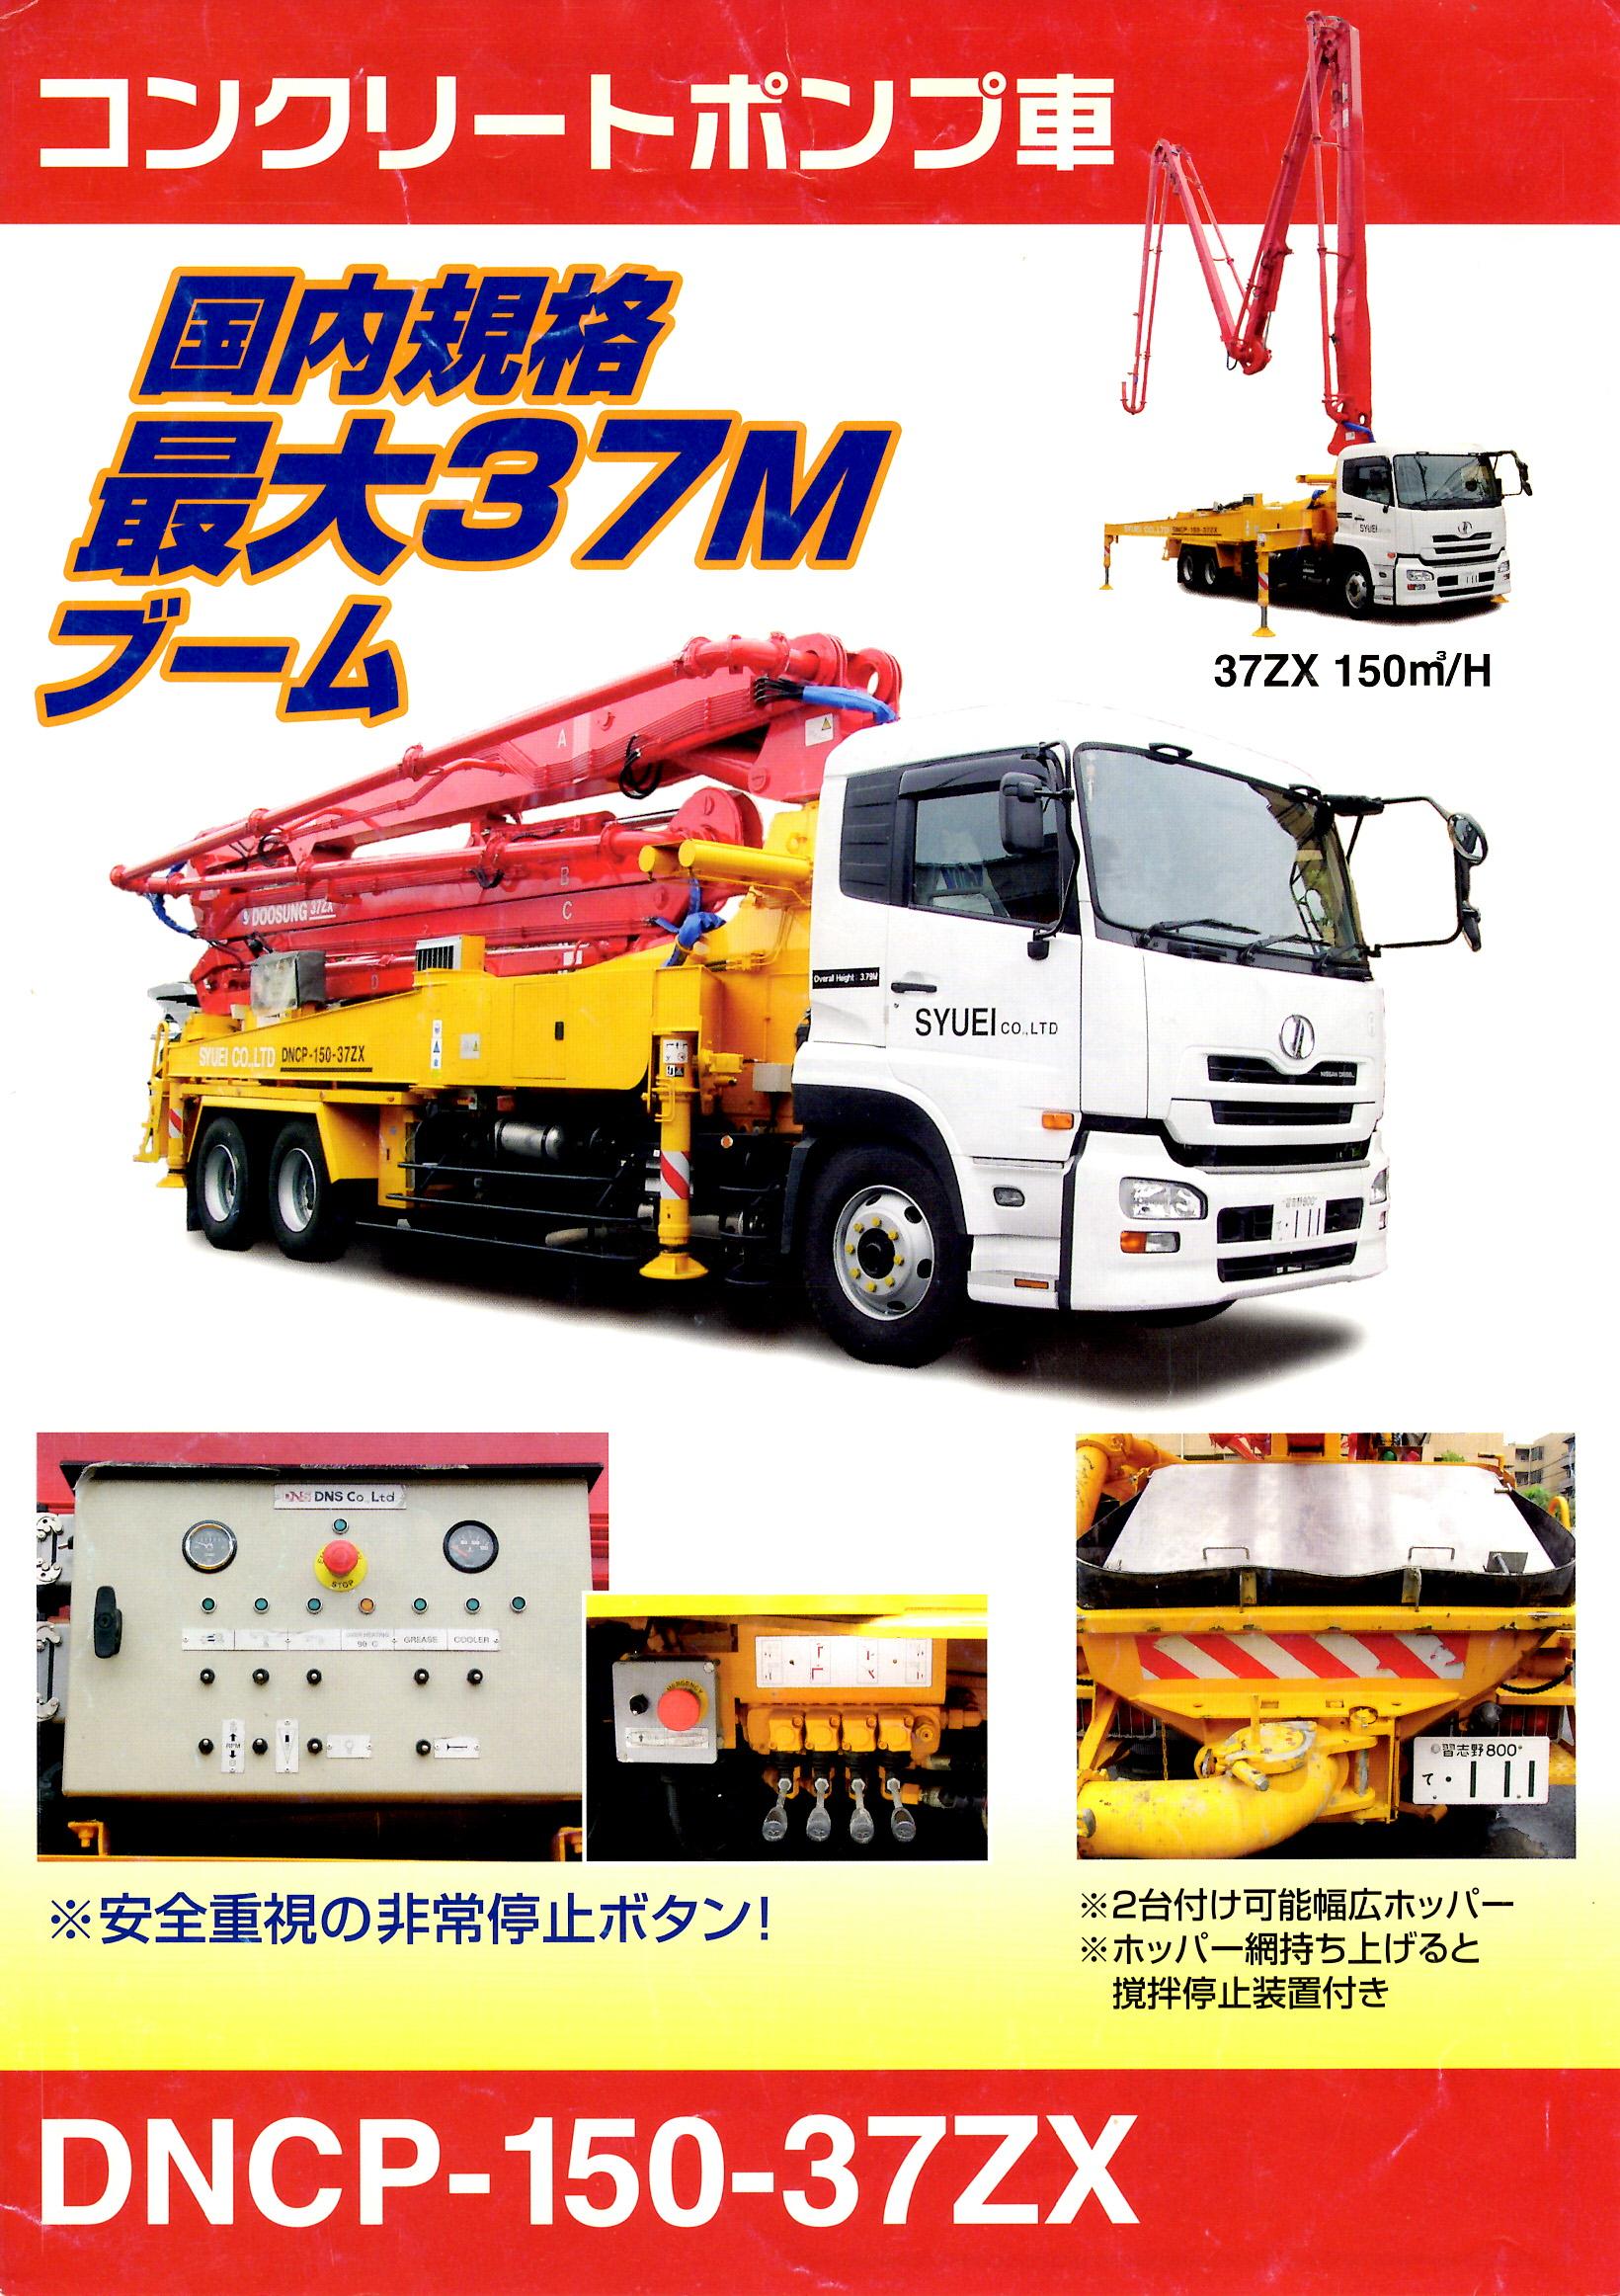 dncp-150-37zx